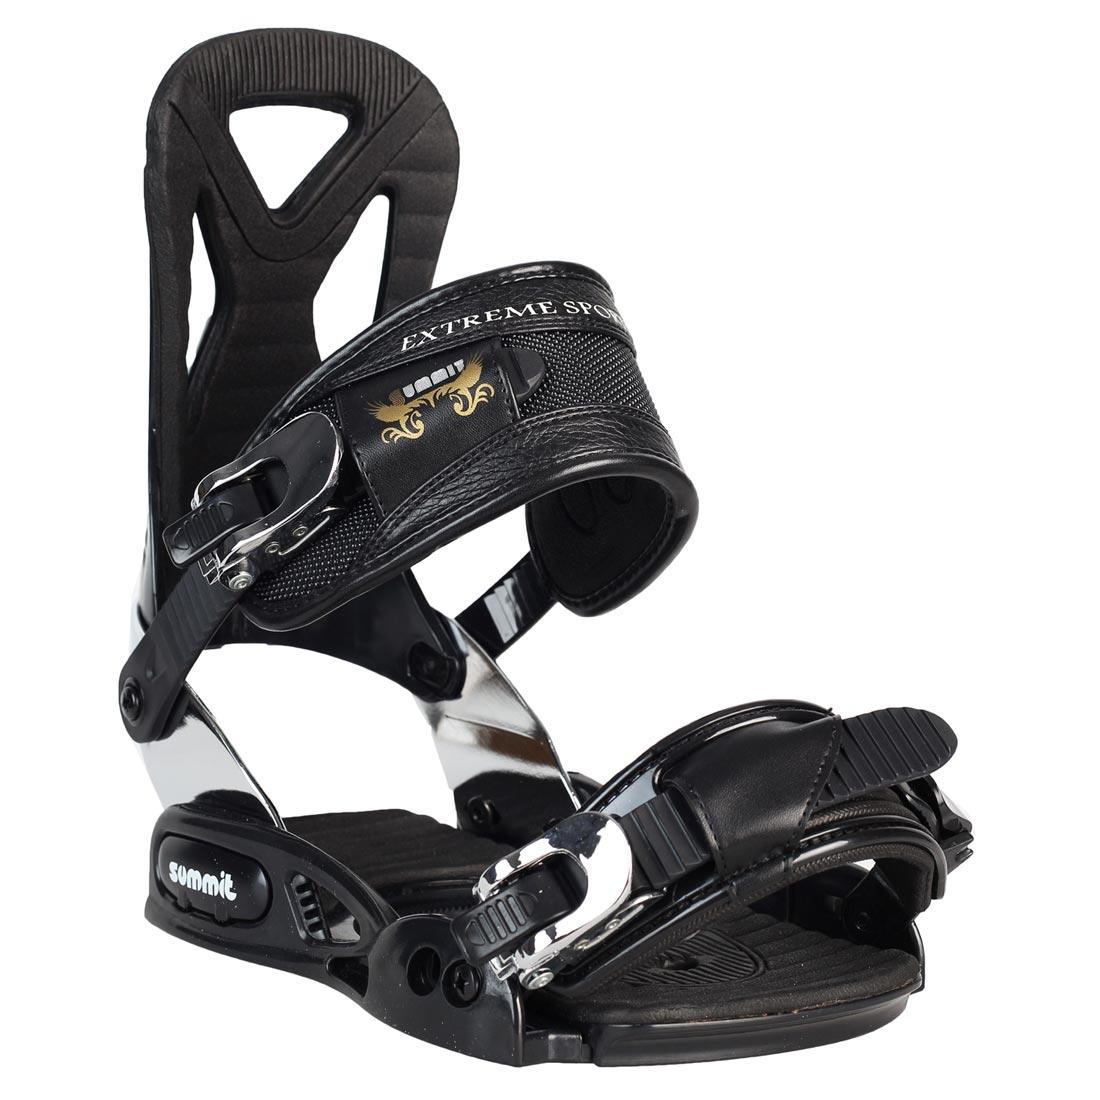 Крепления для сноуборда SMM SMS09A-FLY купить в Boardshop №1